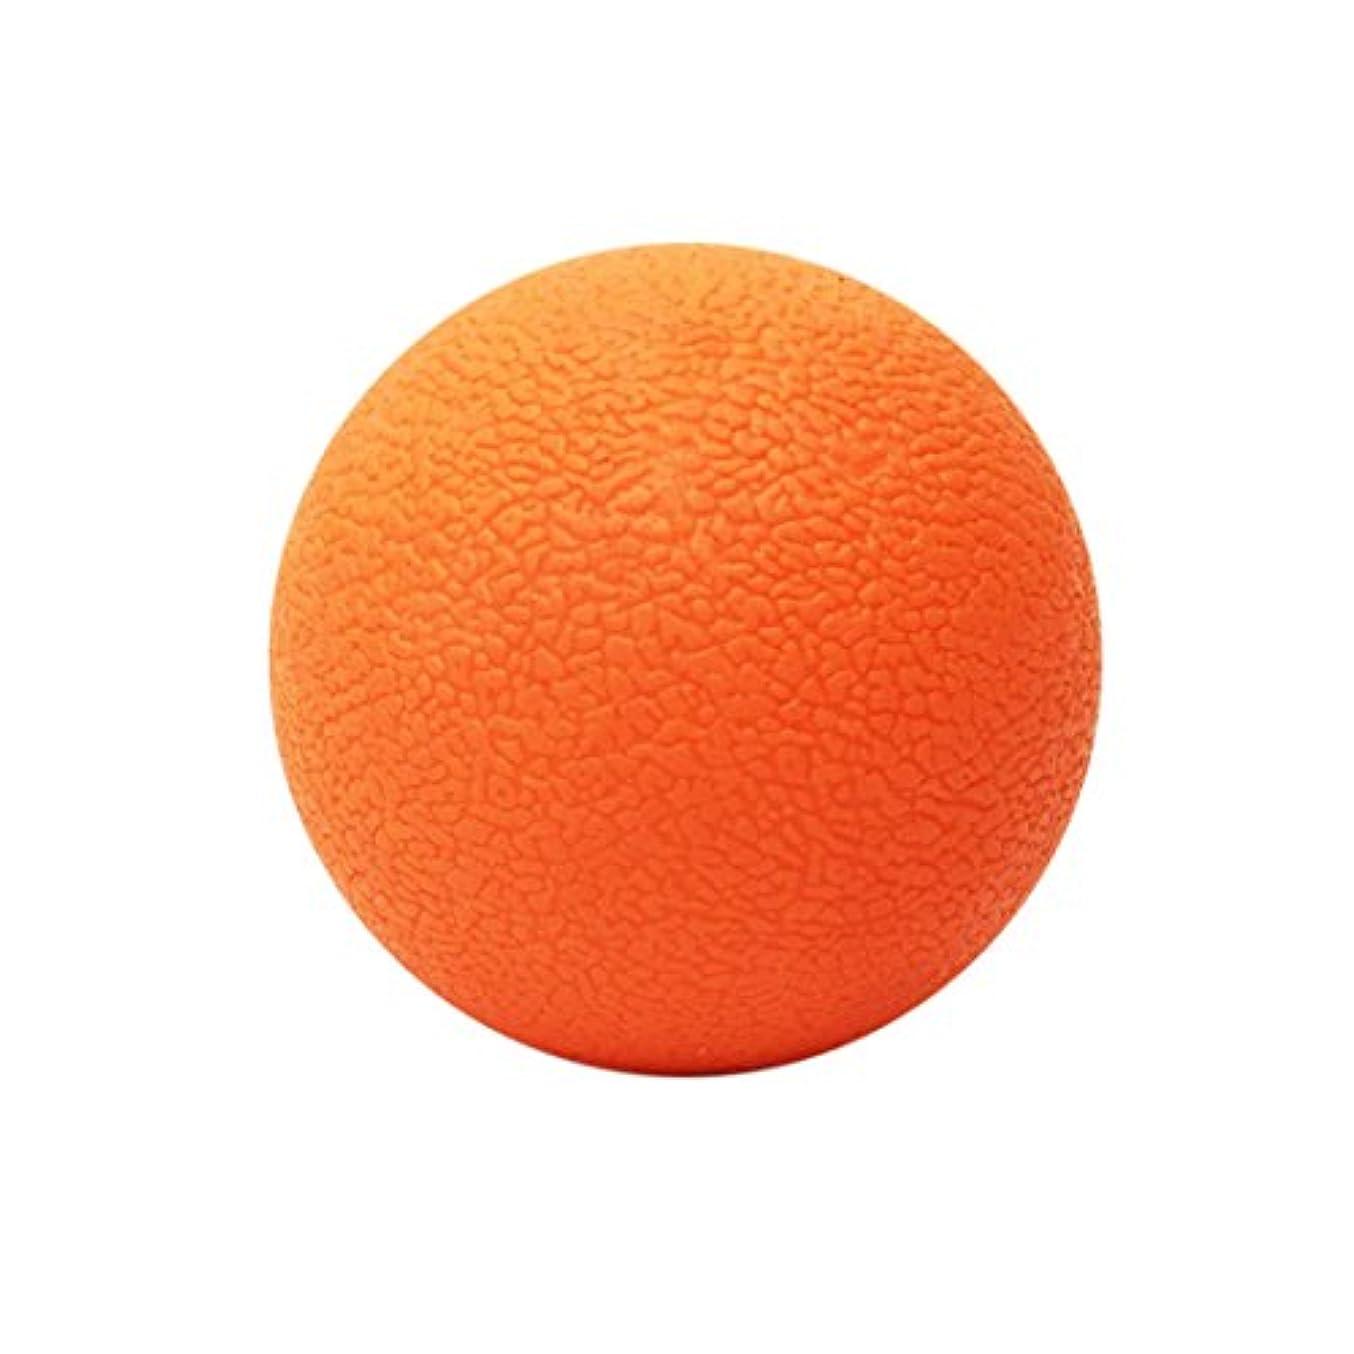 無駄に損なうサイレンFreahap ストレッチボール マッサージボール リラックスボール 腰痛 肩こり ヨガ トレーニング シリコンゴム製